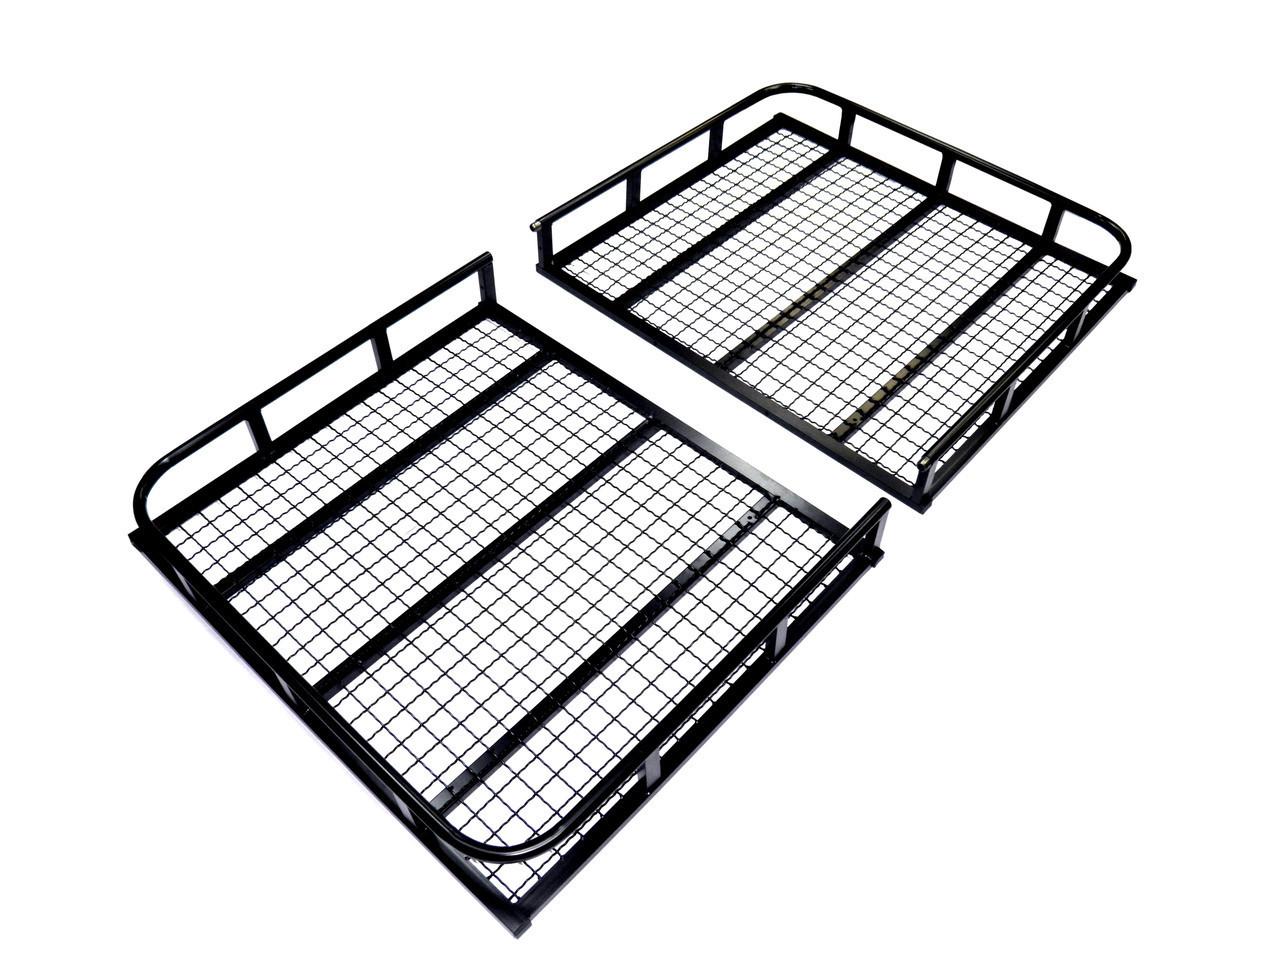 Кенгуру Еверест Плюс (без поперечок) - вантажний кошик з бортами на дах авто